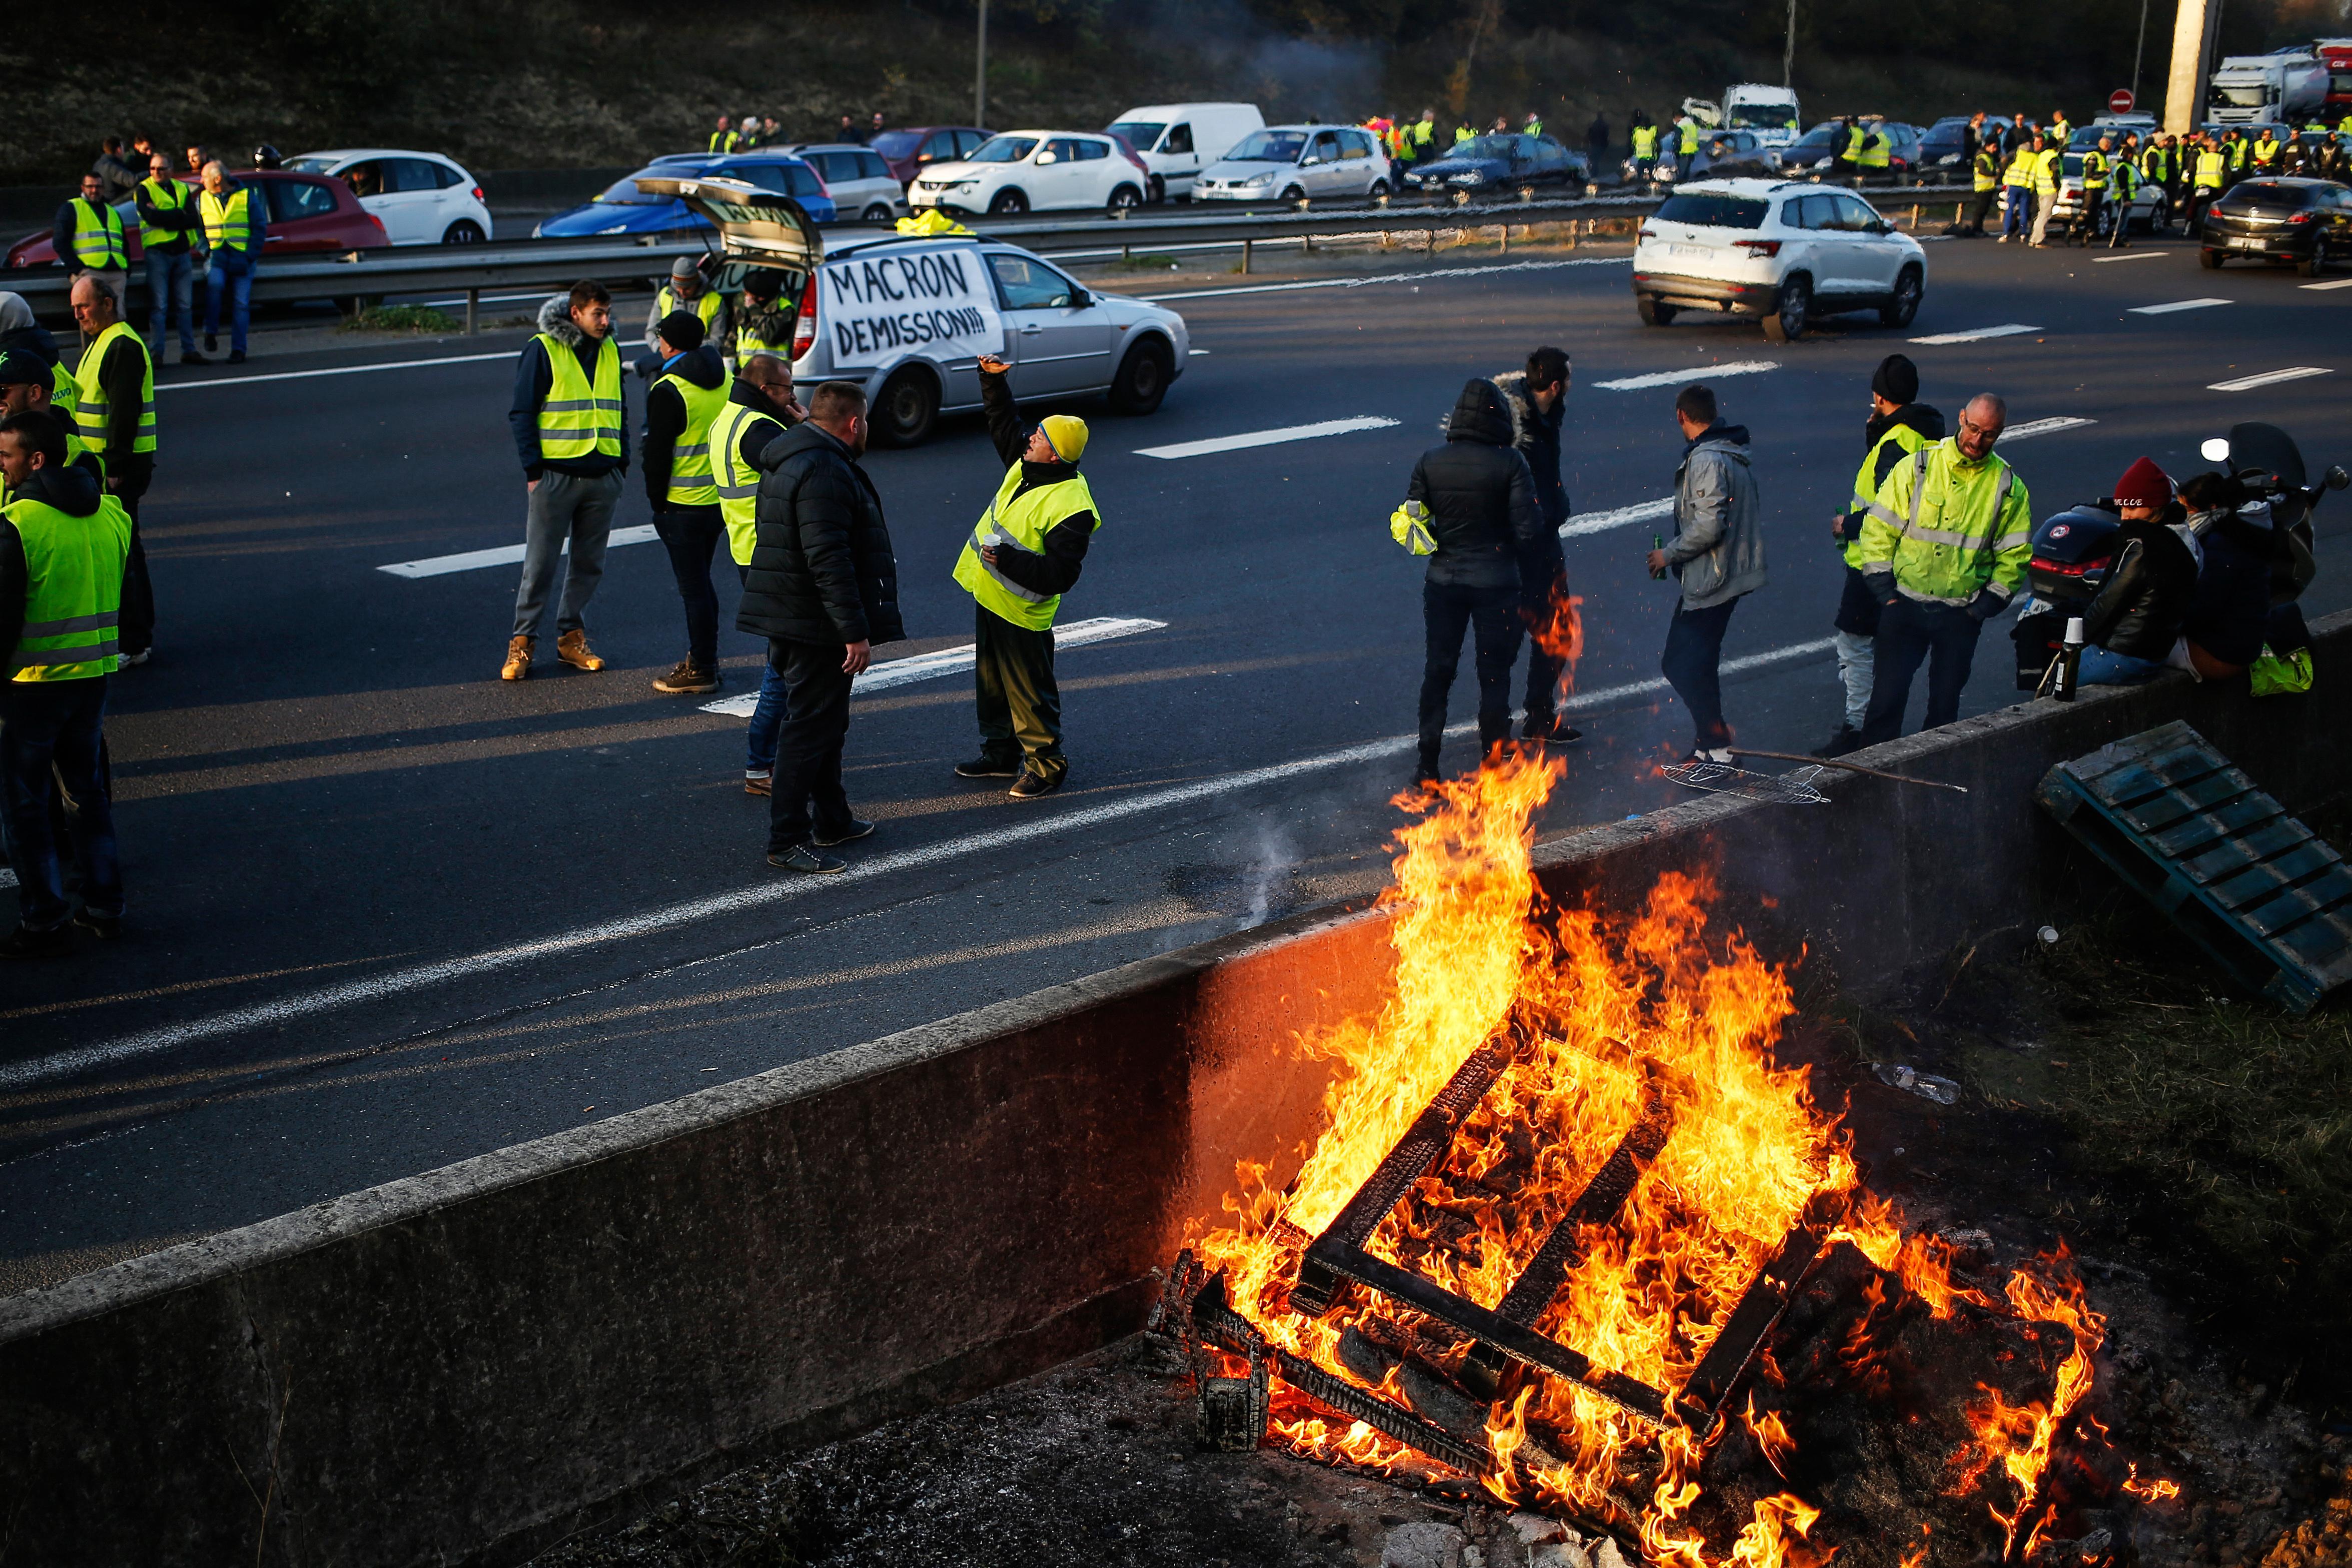 متظاهرون يقطعون أحد الطرق في نورموندي